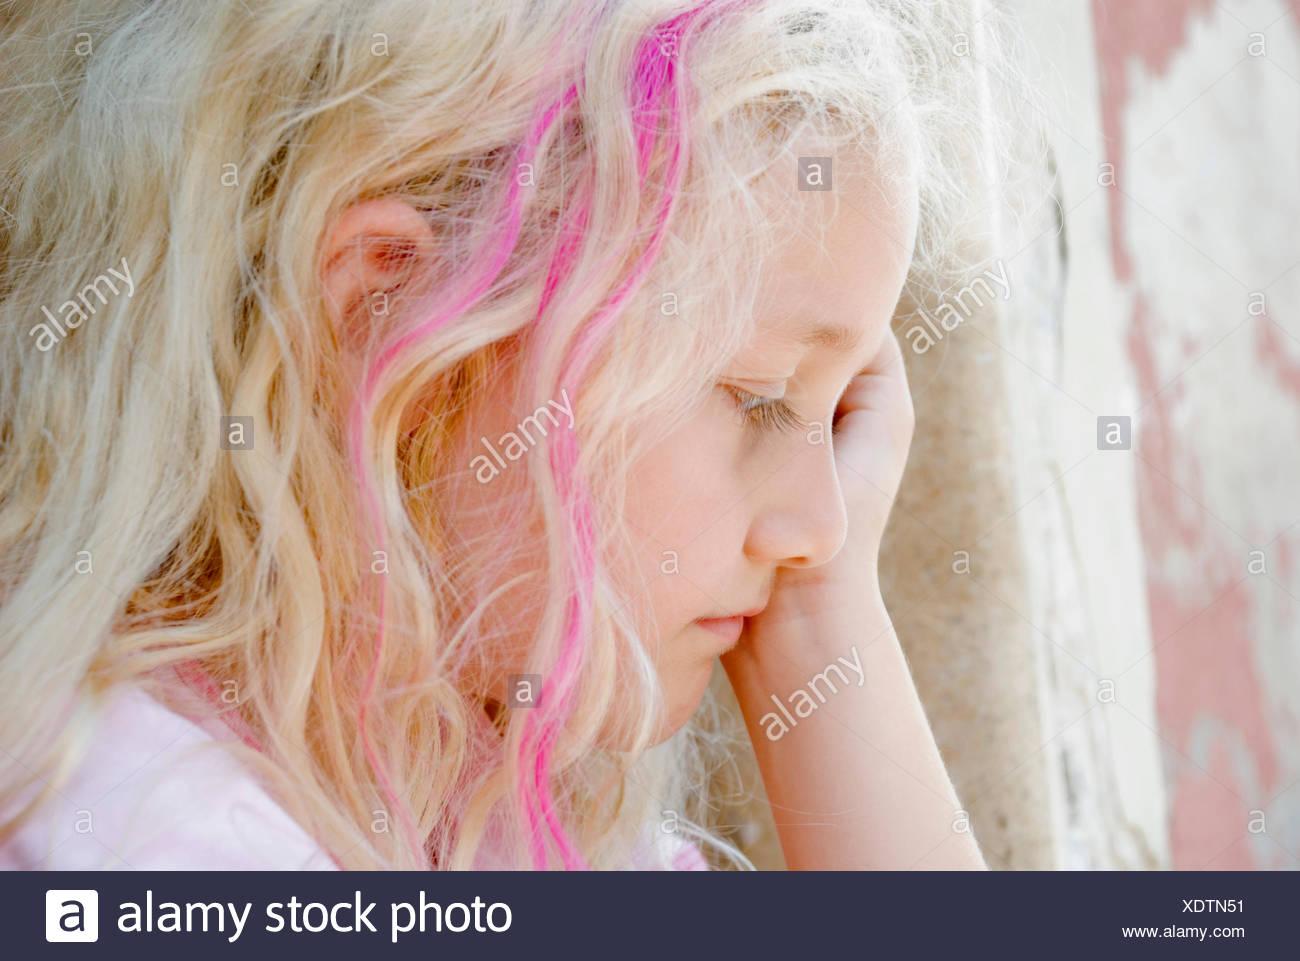 sad girl crouching at a wall Stock Photo